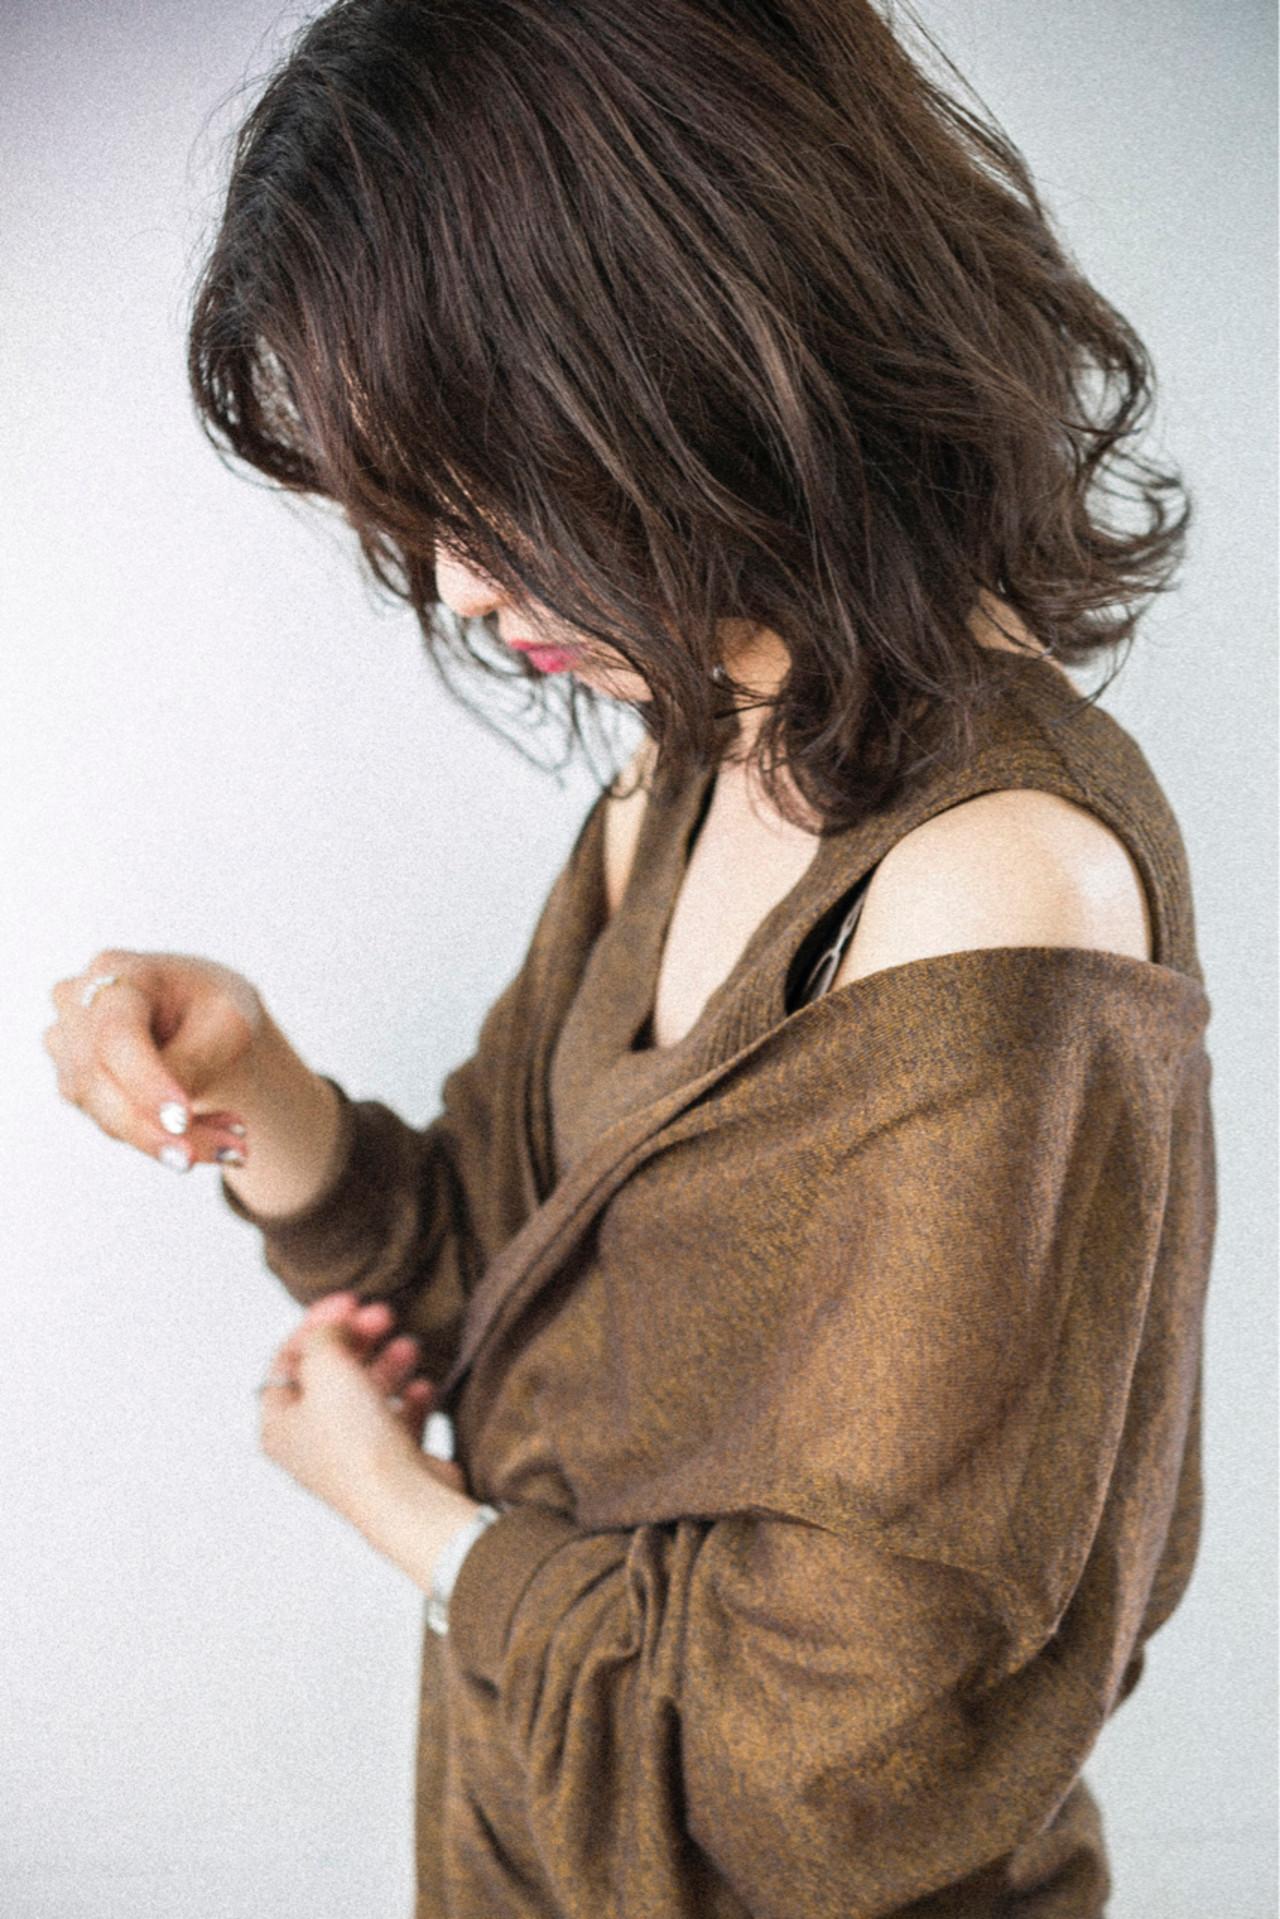 ミディアム ゆるふわ 前髪あり 抜け感ヘアスタイルや髪型の写真・画像